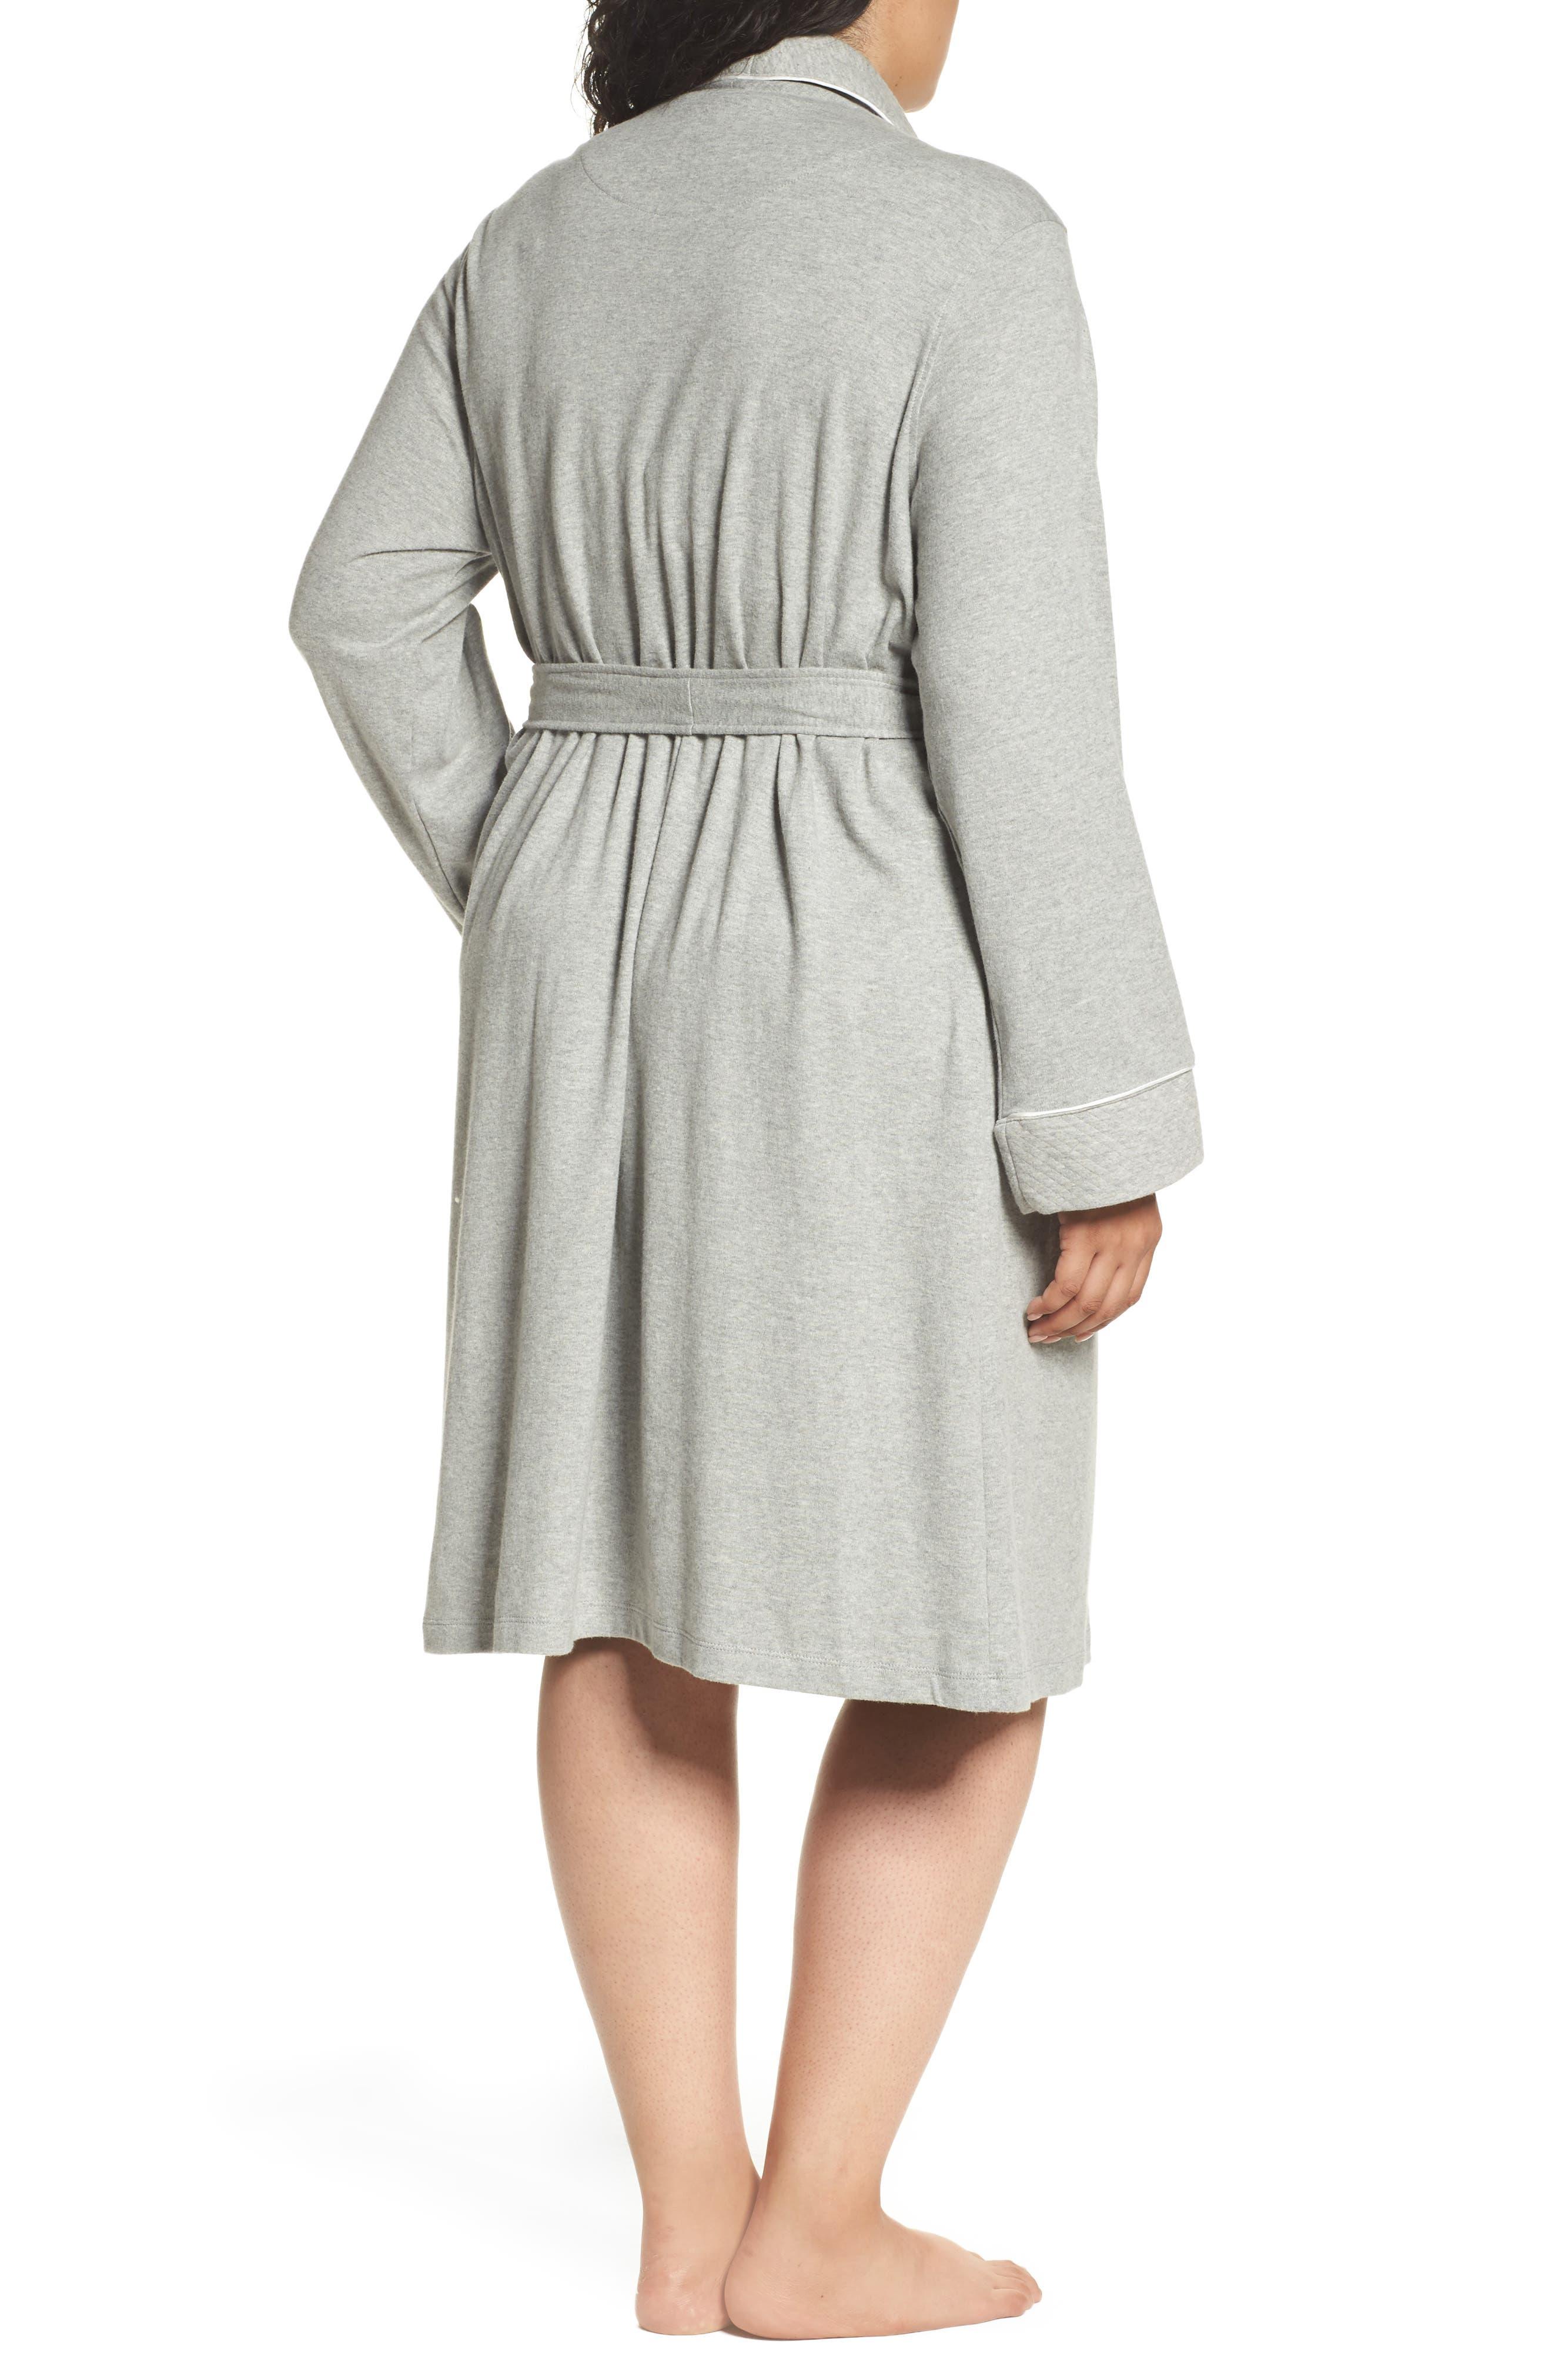 Alternate Image 2  - Lauren Ralph Lauren Shawl Collar Robe (Plus Size) (Online Only)